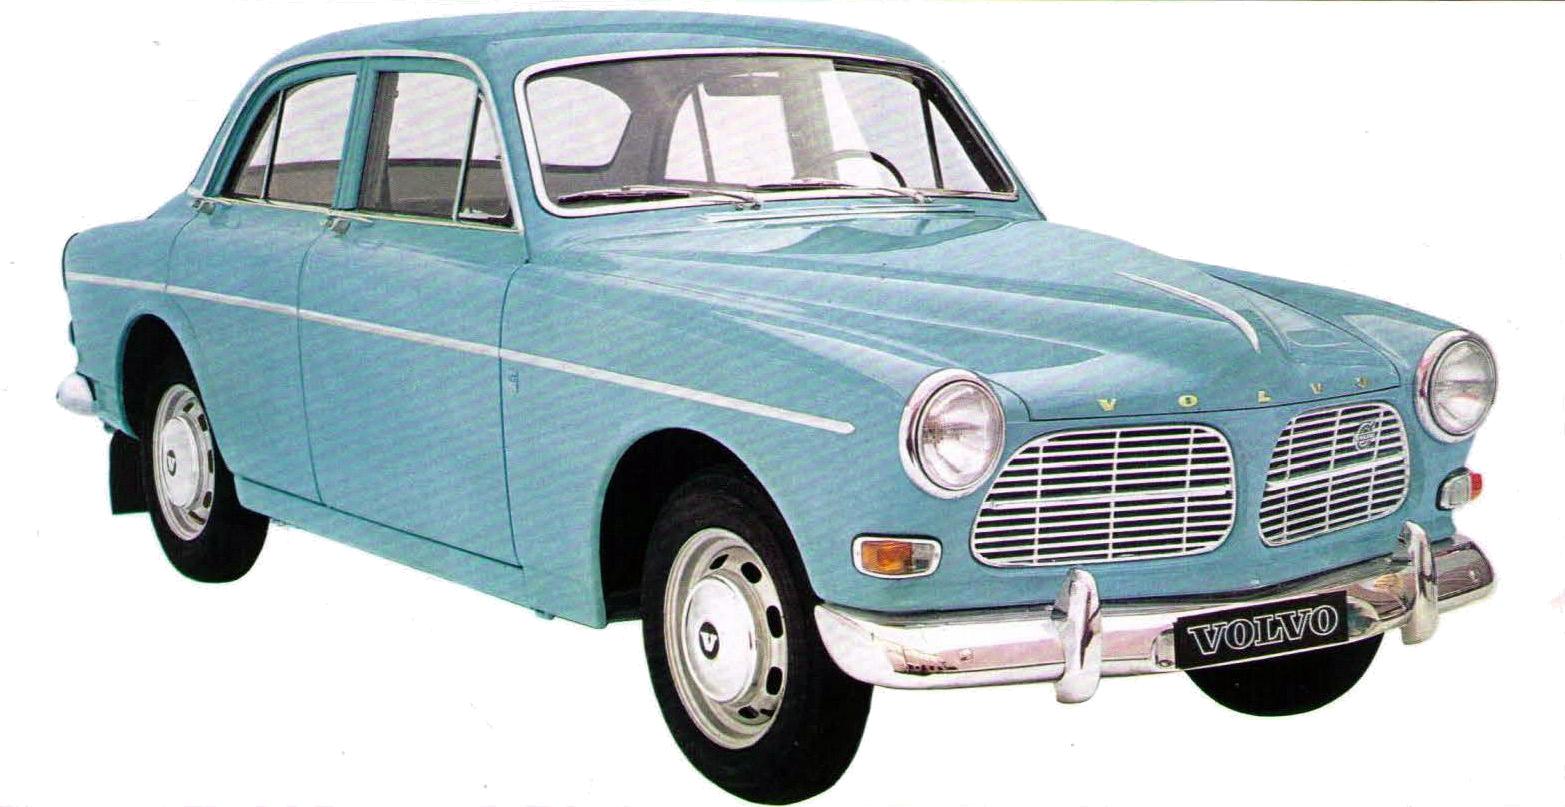 Volvo Amazon varen fin bil men kan ikke komposteres. Ingen bilmerker kan det, selv ikke Tesla.